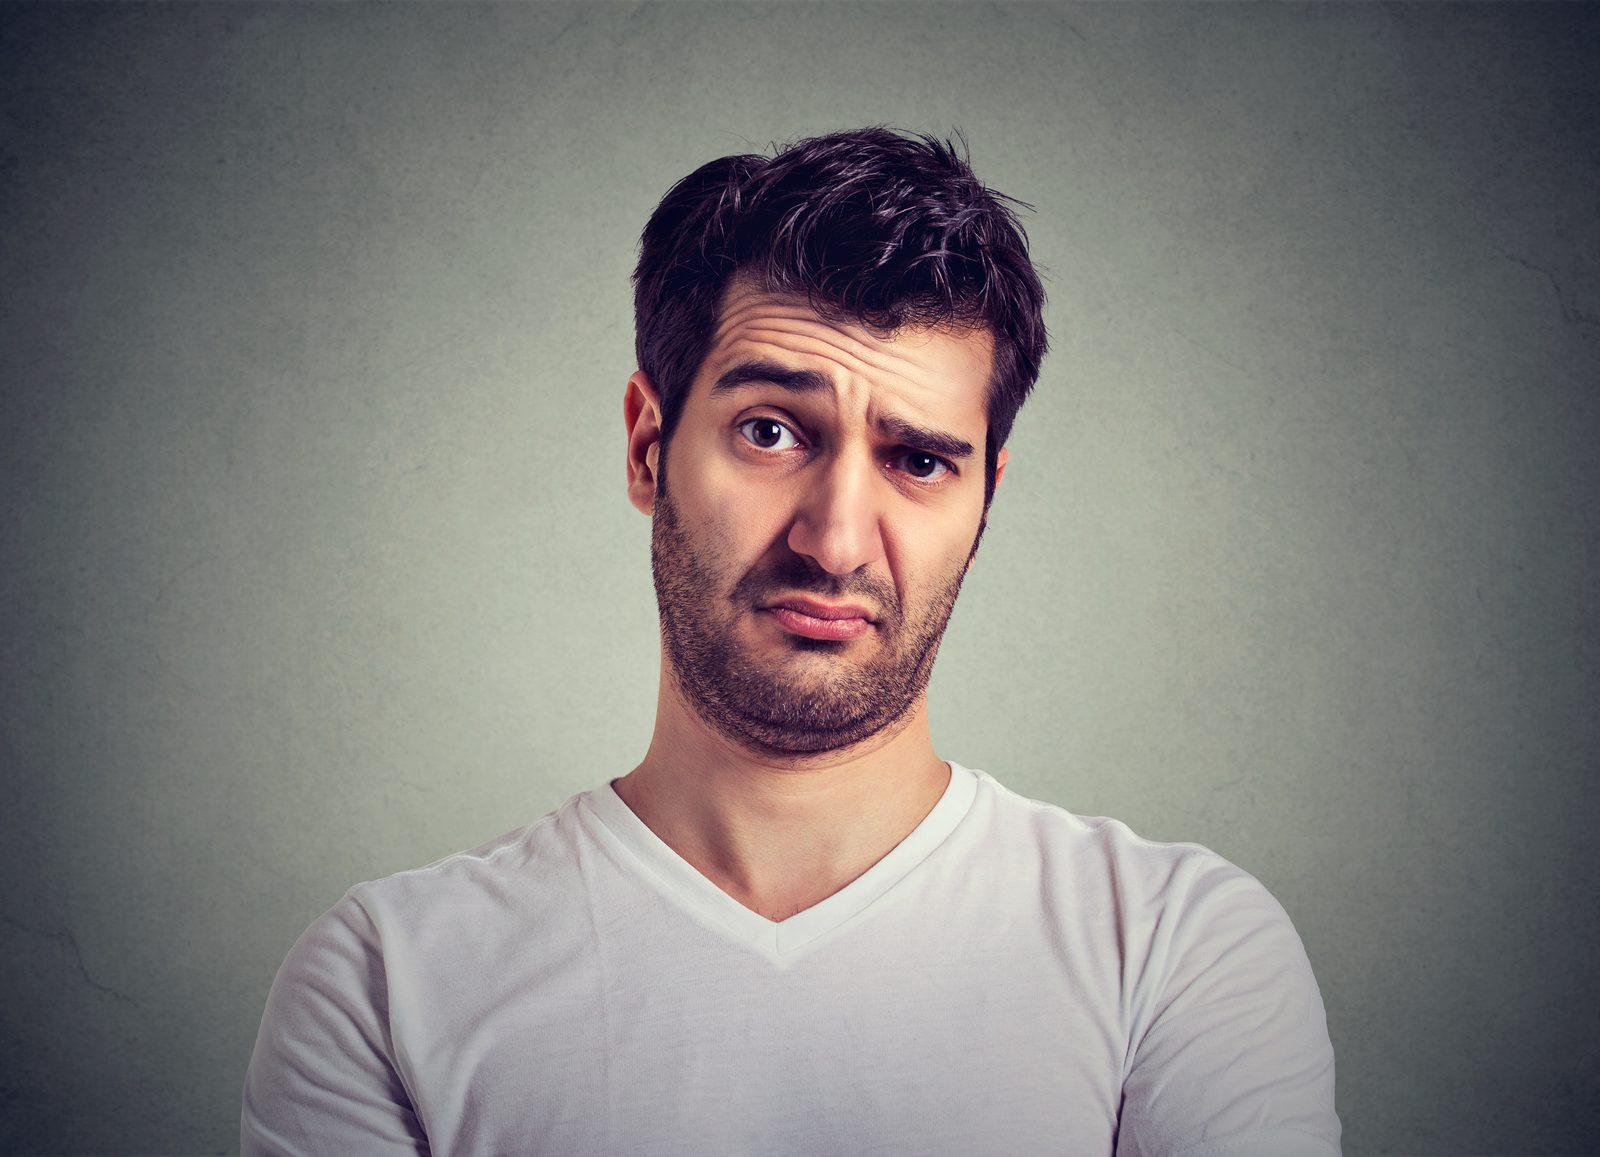 ゾッ……「バツイチ男性も絶対選ばない」40代独女ってこういう人